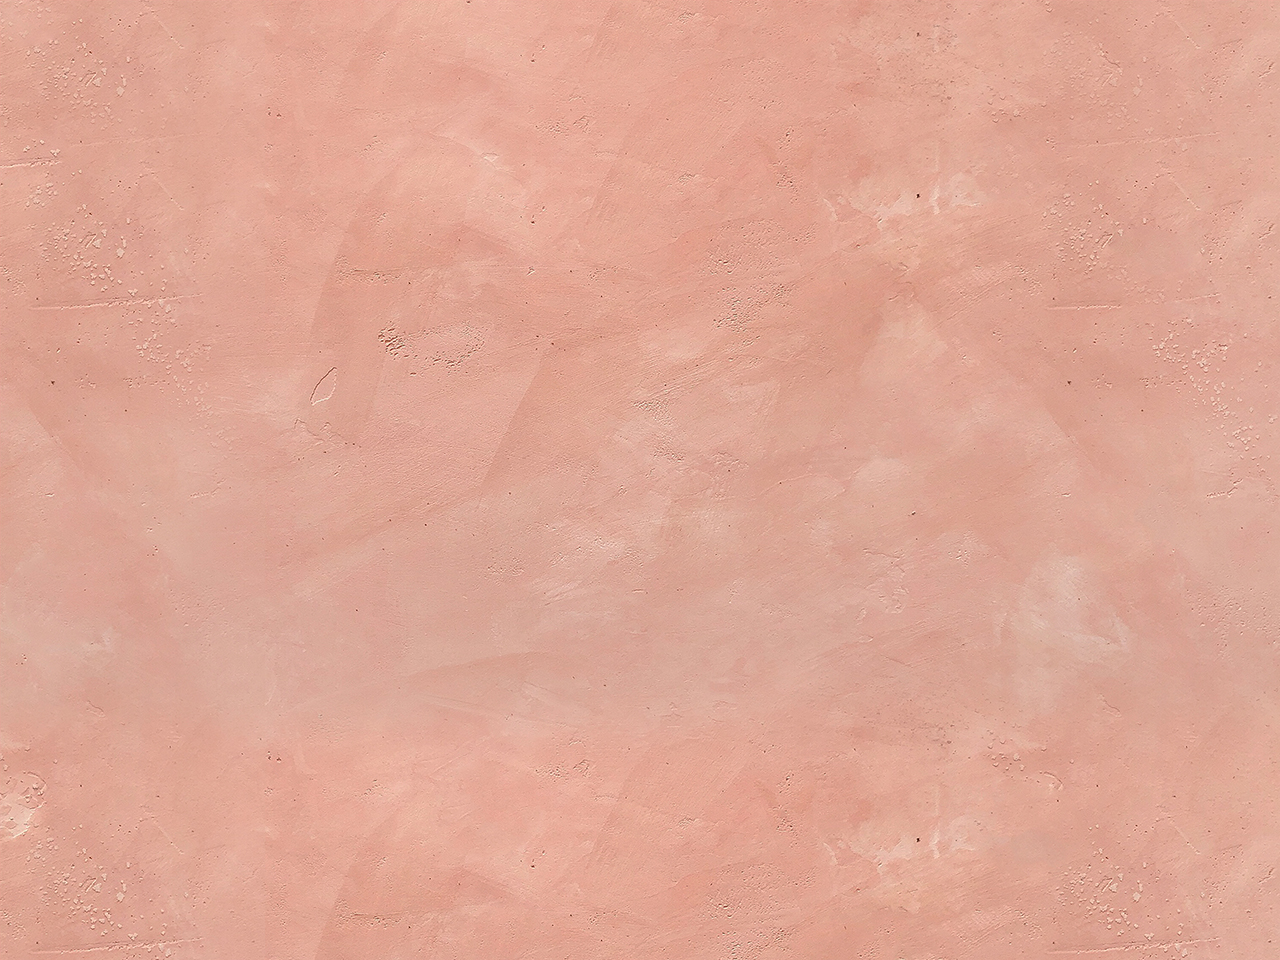 Tropical coral TC16 - Conpa concrete texture paint